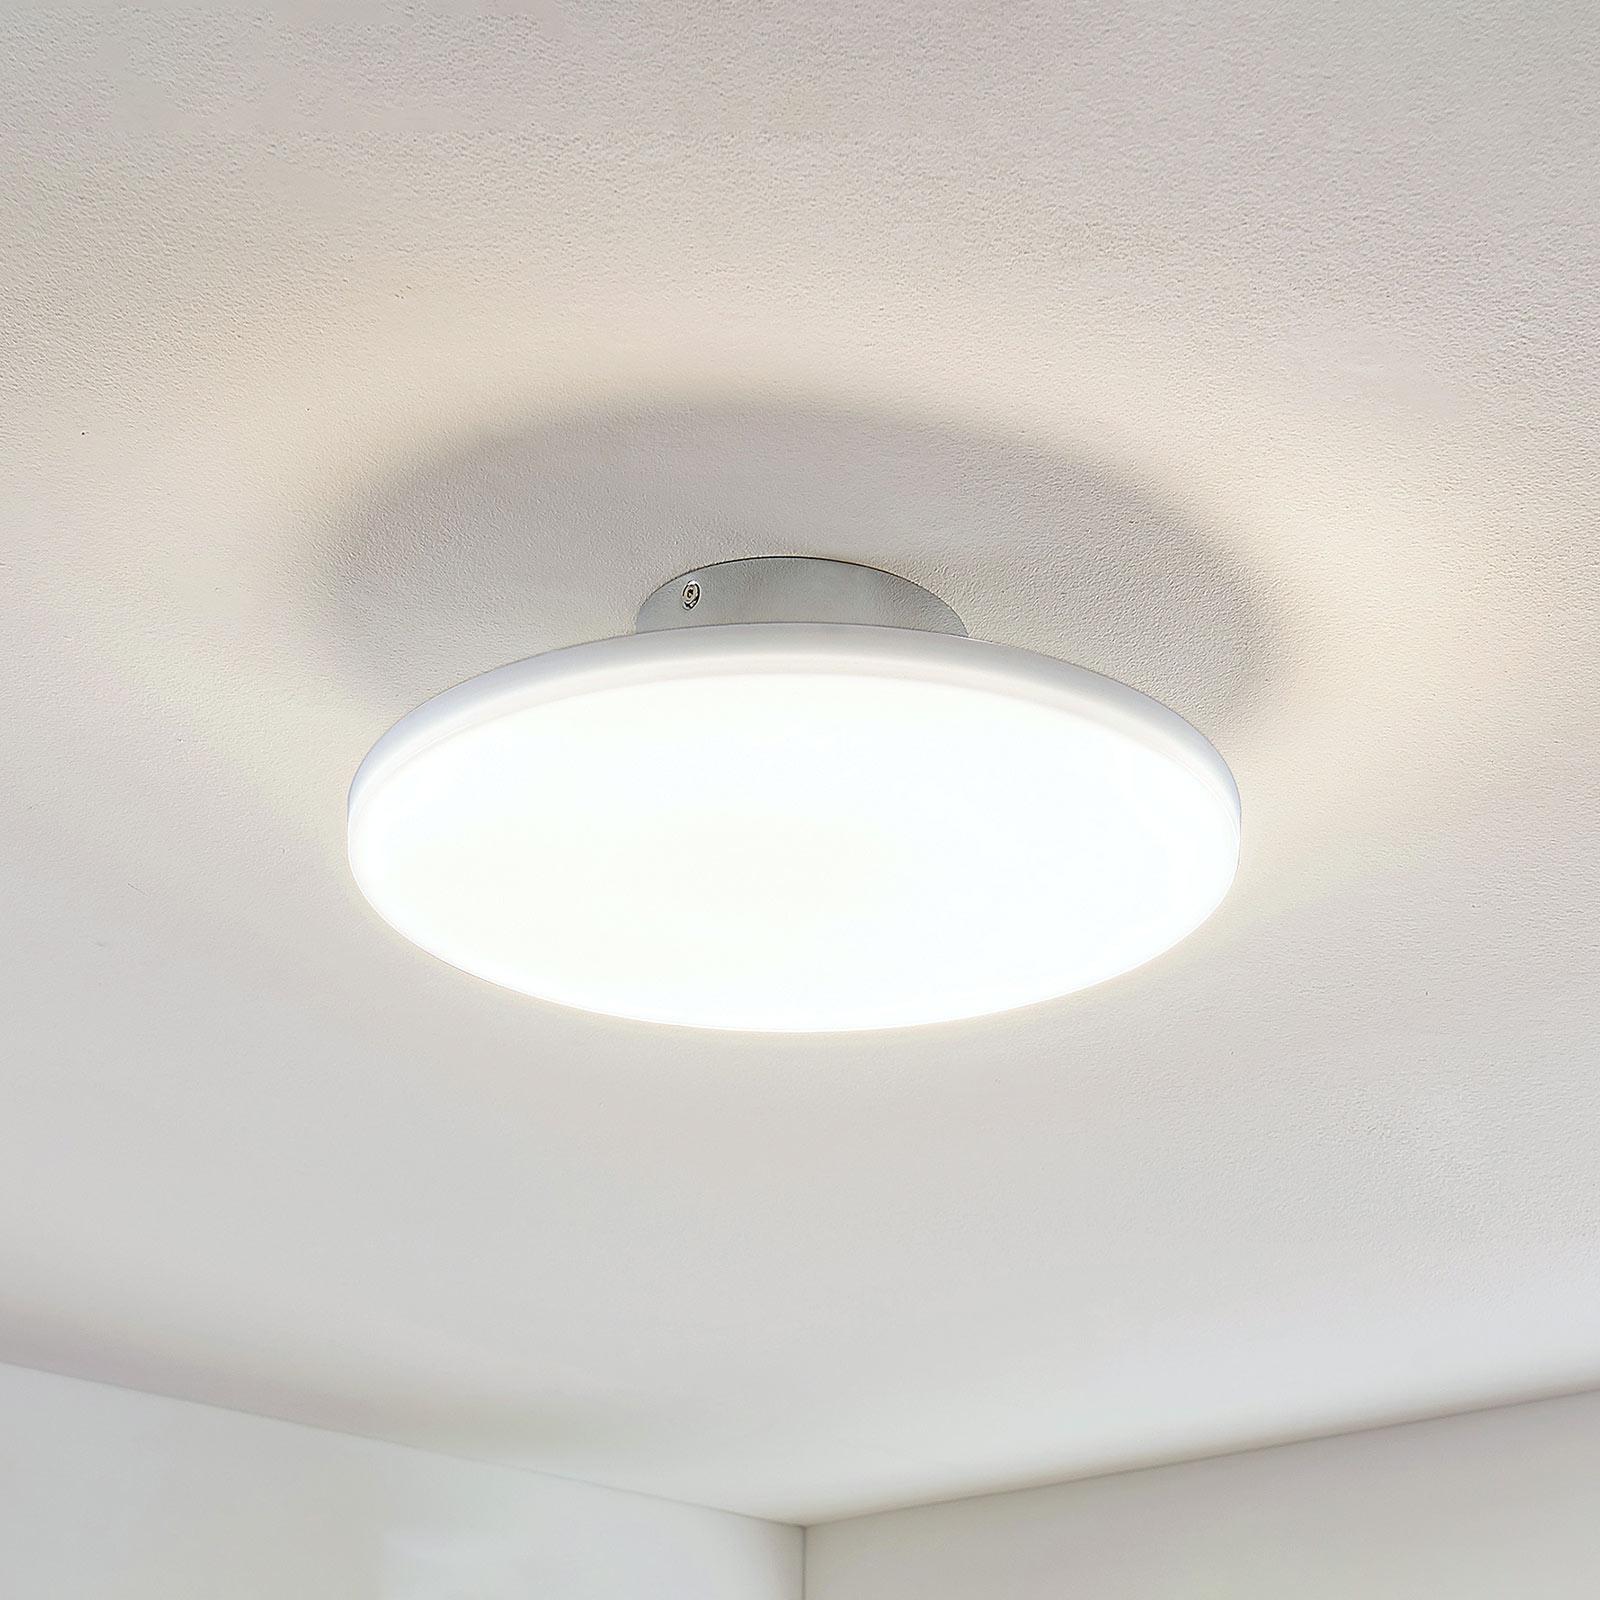 Lampa sufitowa LED Sherko, okrągła, 1-punktowa